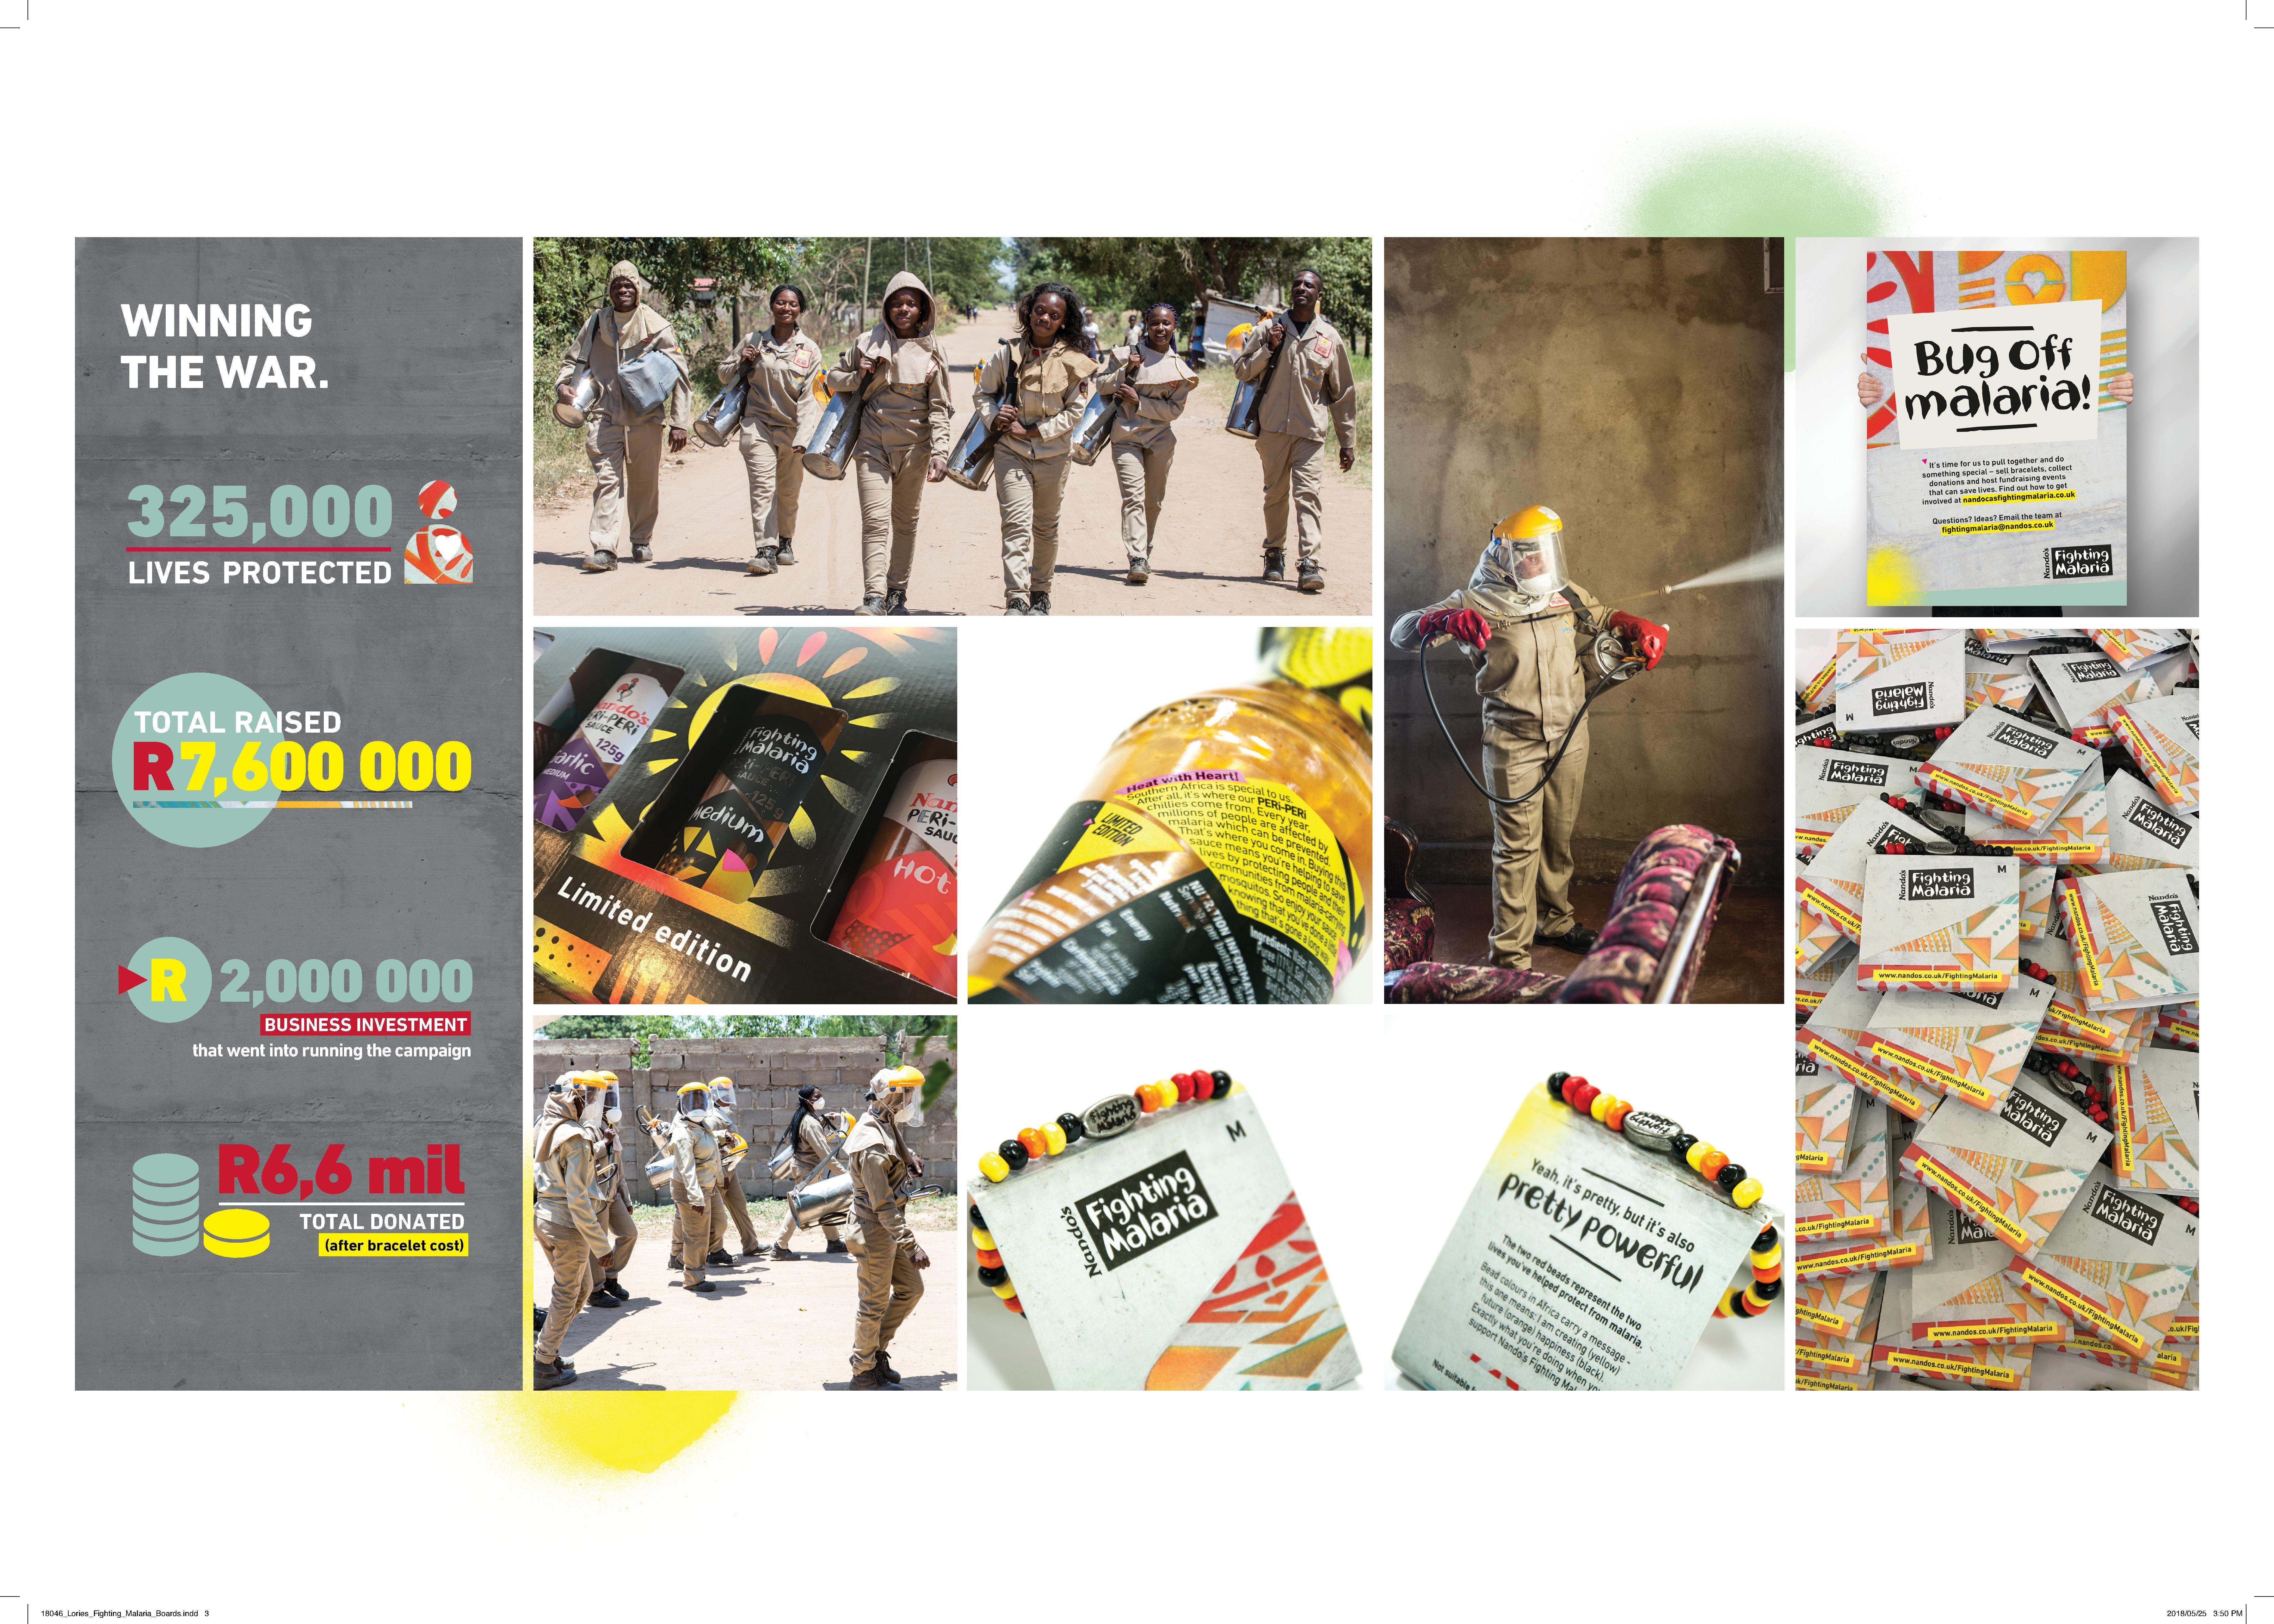 18046_Lories_Fighting_Malaria_Boards-3